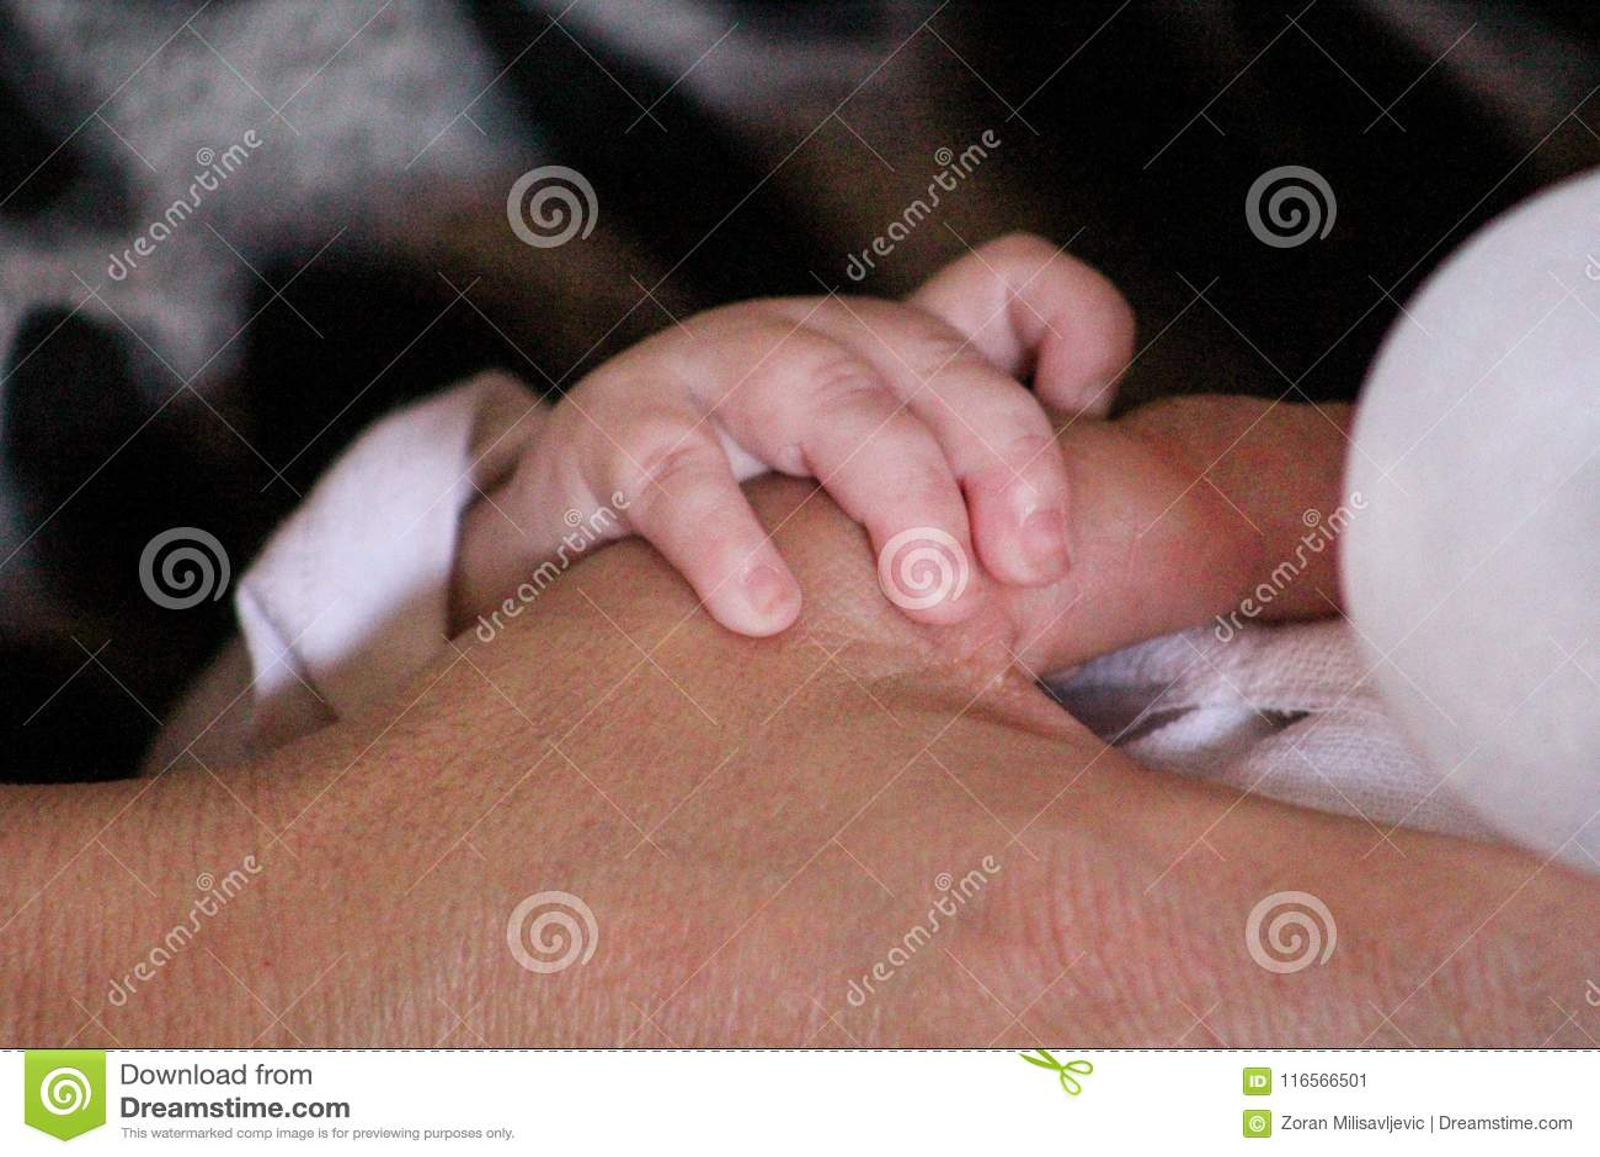 Mains de mère et de chéri La petite main de bébé tient une main de mère tout en l alimentant avec une bouteille